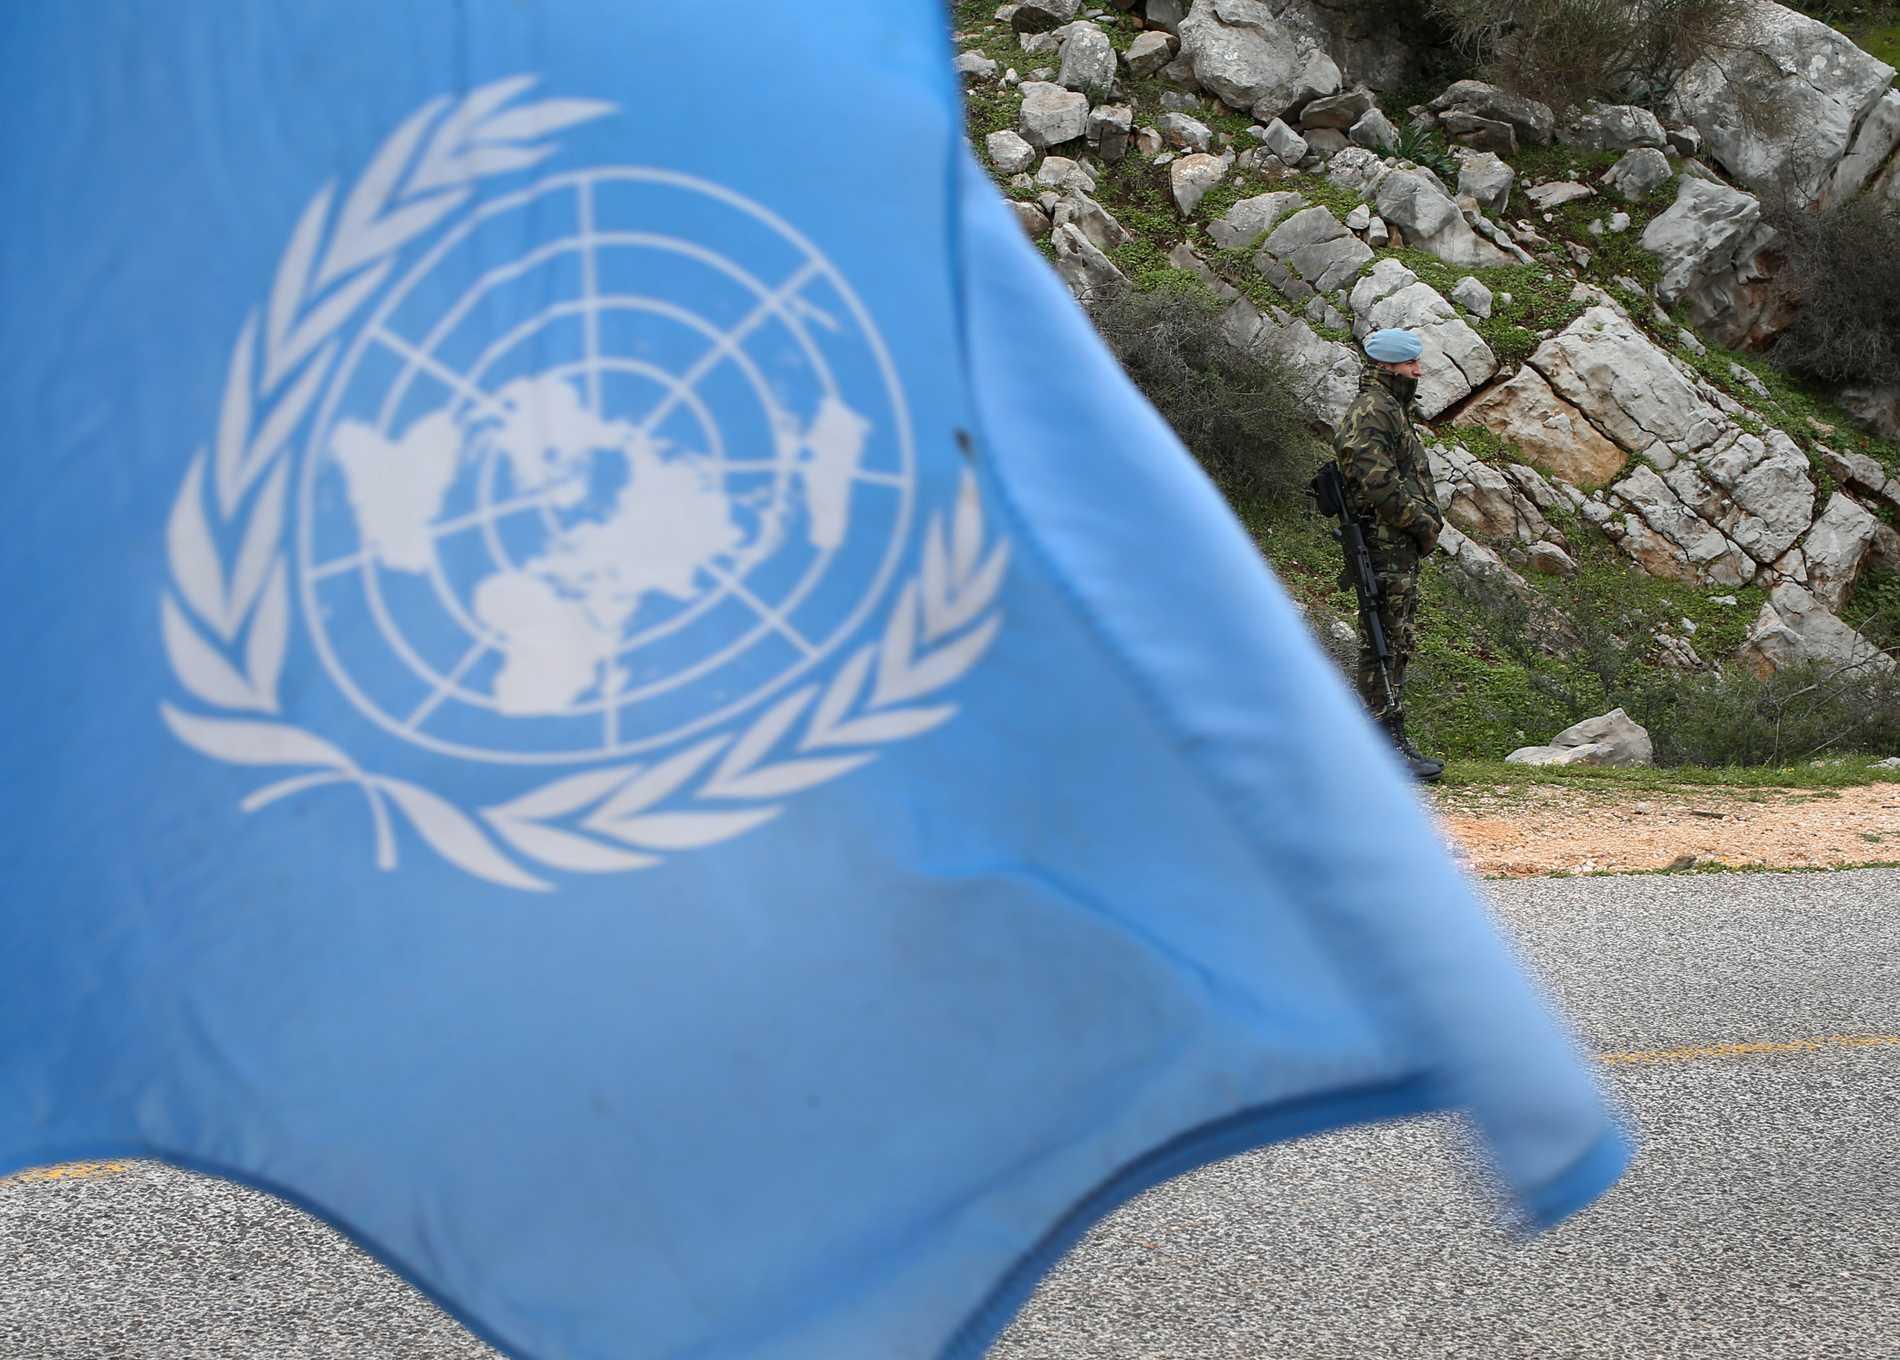 Inget land håller tidplanen för att nå FN:s globala utvecklingsmål gällande jämställdhet. Arkivbild.